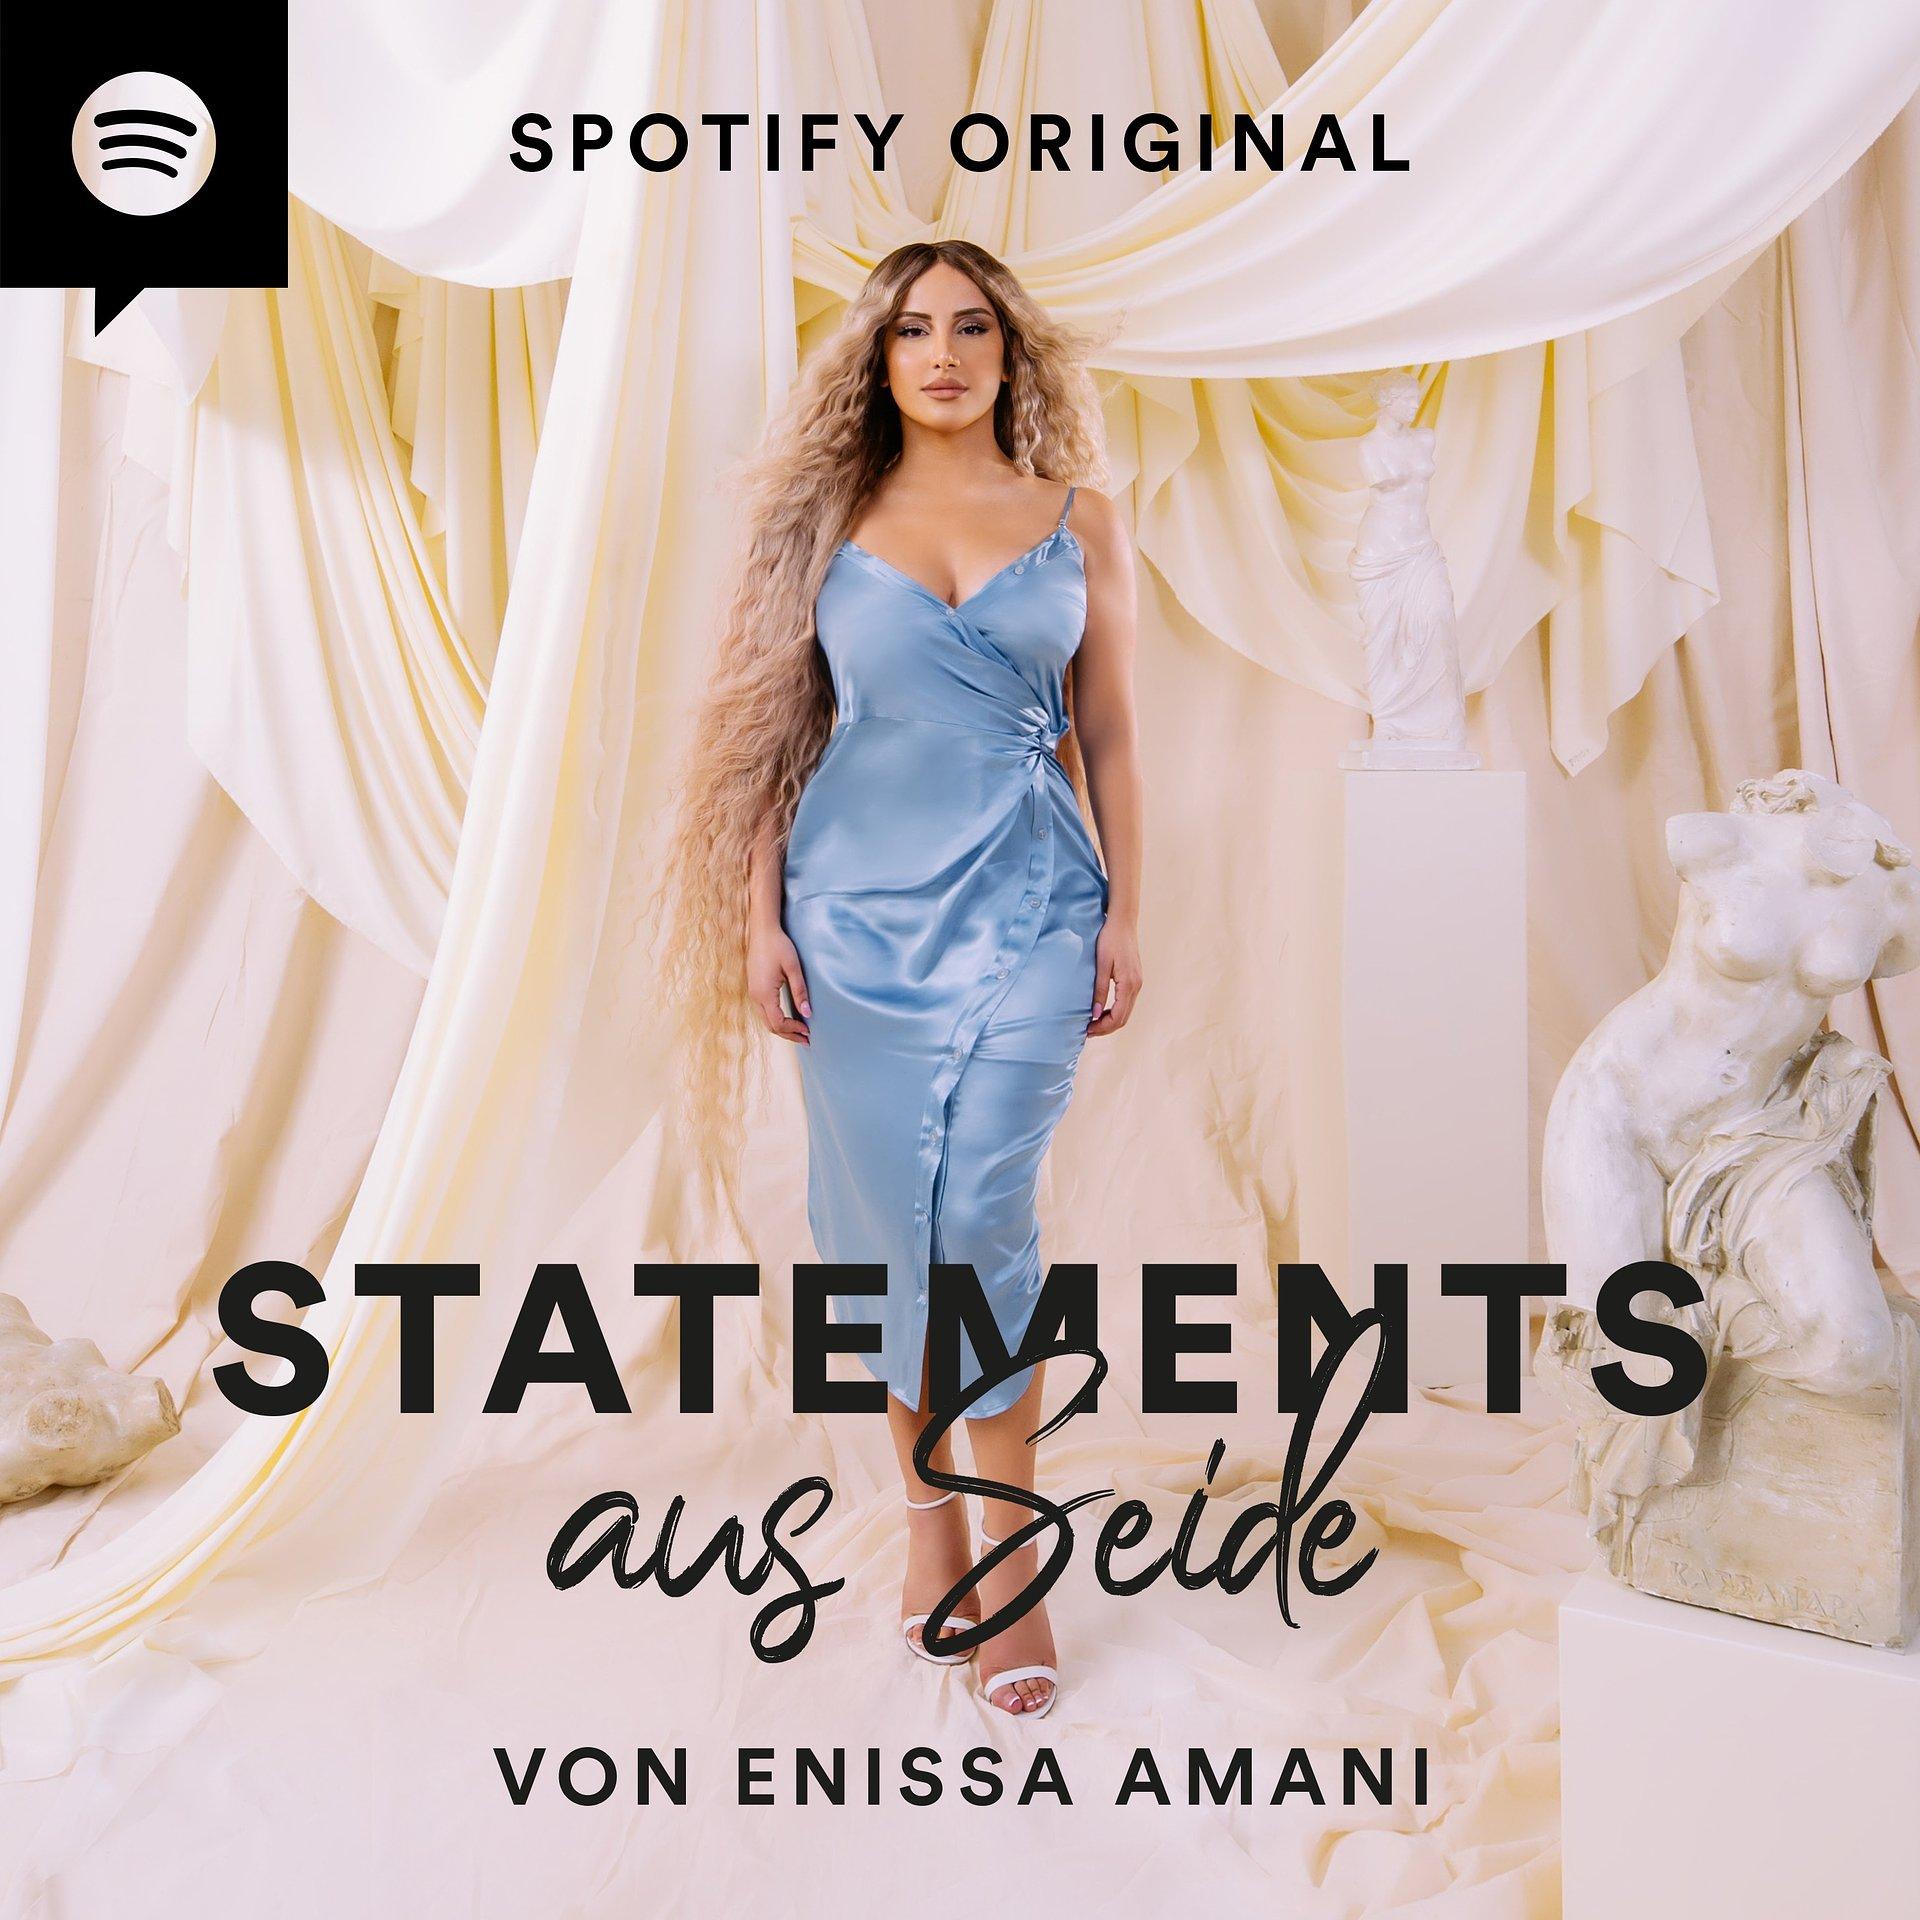 """""""Statements aus Seide von Enissa Amani"""": Neuer Spotify Original Podcast mit persönlichen Einblicken zu aktuellen Themen"""